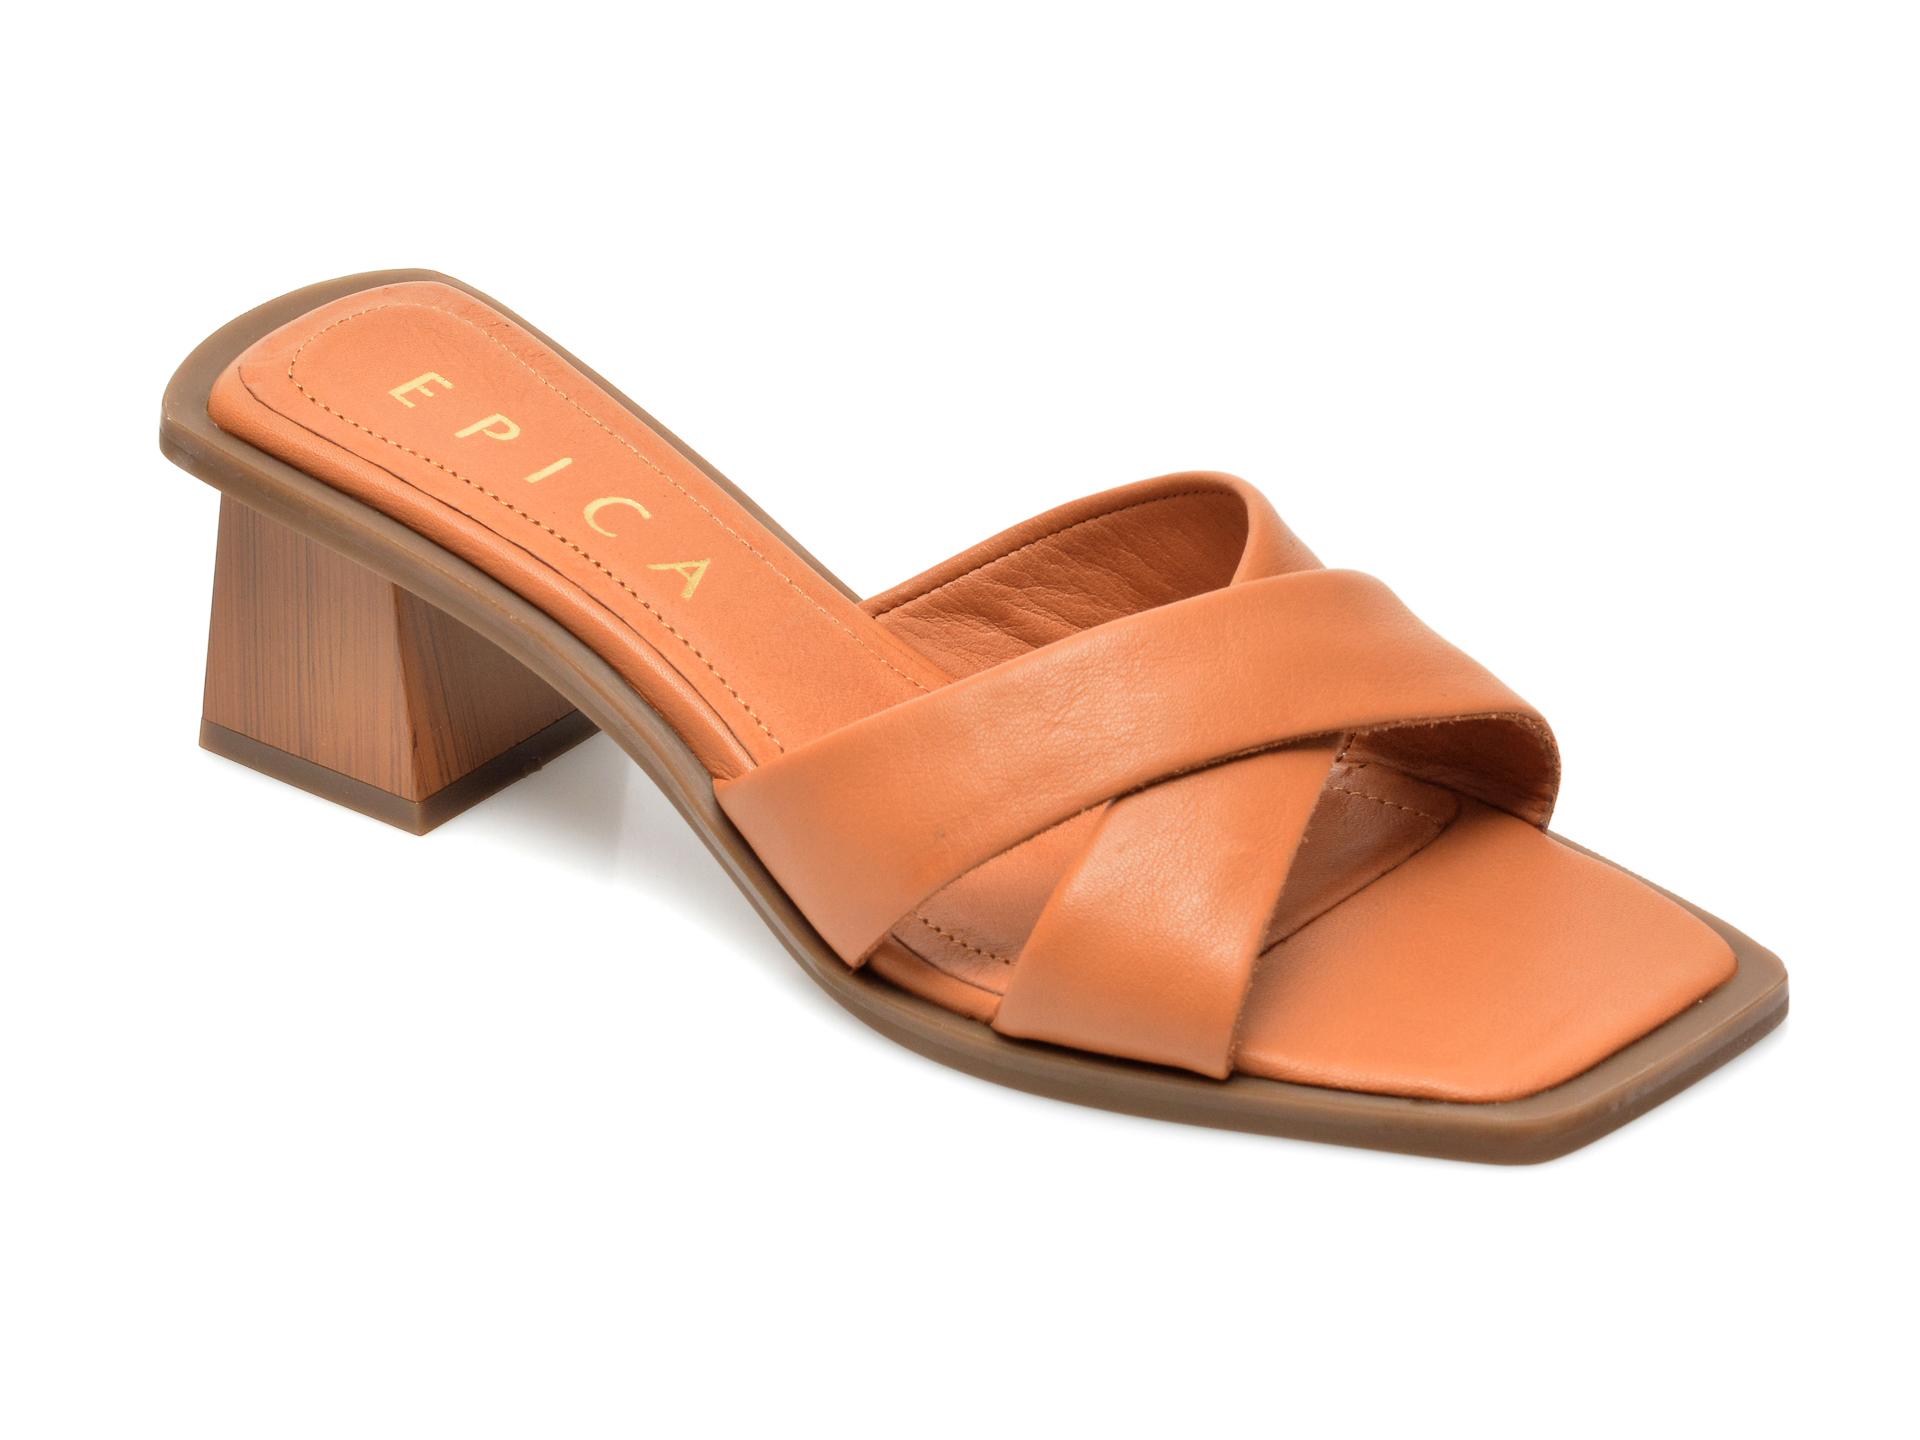 Papuci EPICA maro, 4131, din piele naturala imagine otter.ro 2021